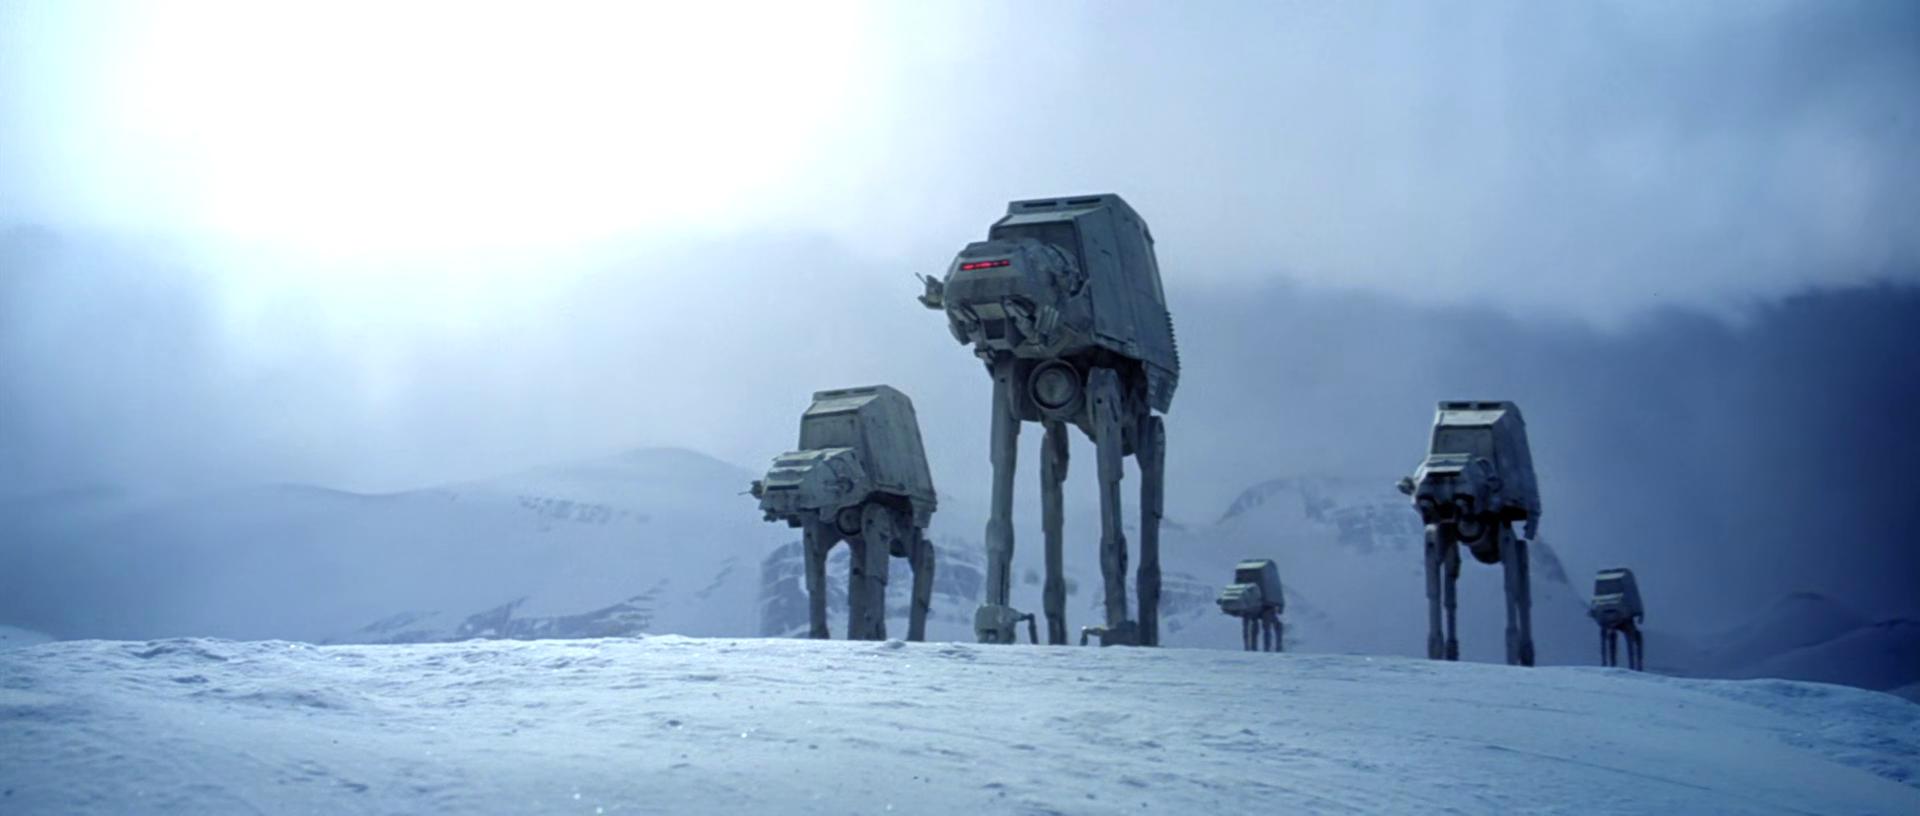 camminatori effetti speciali star wars battaglia di hoth at-at